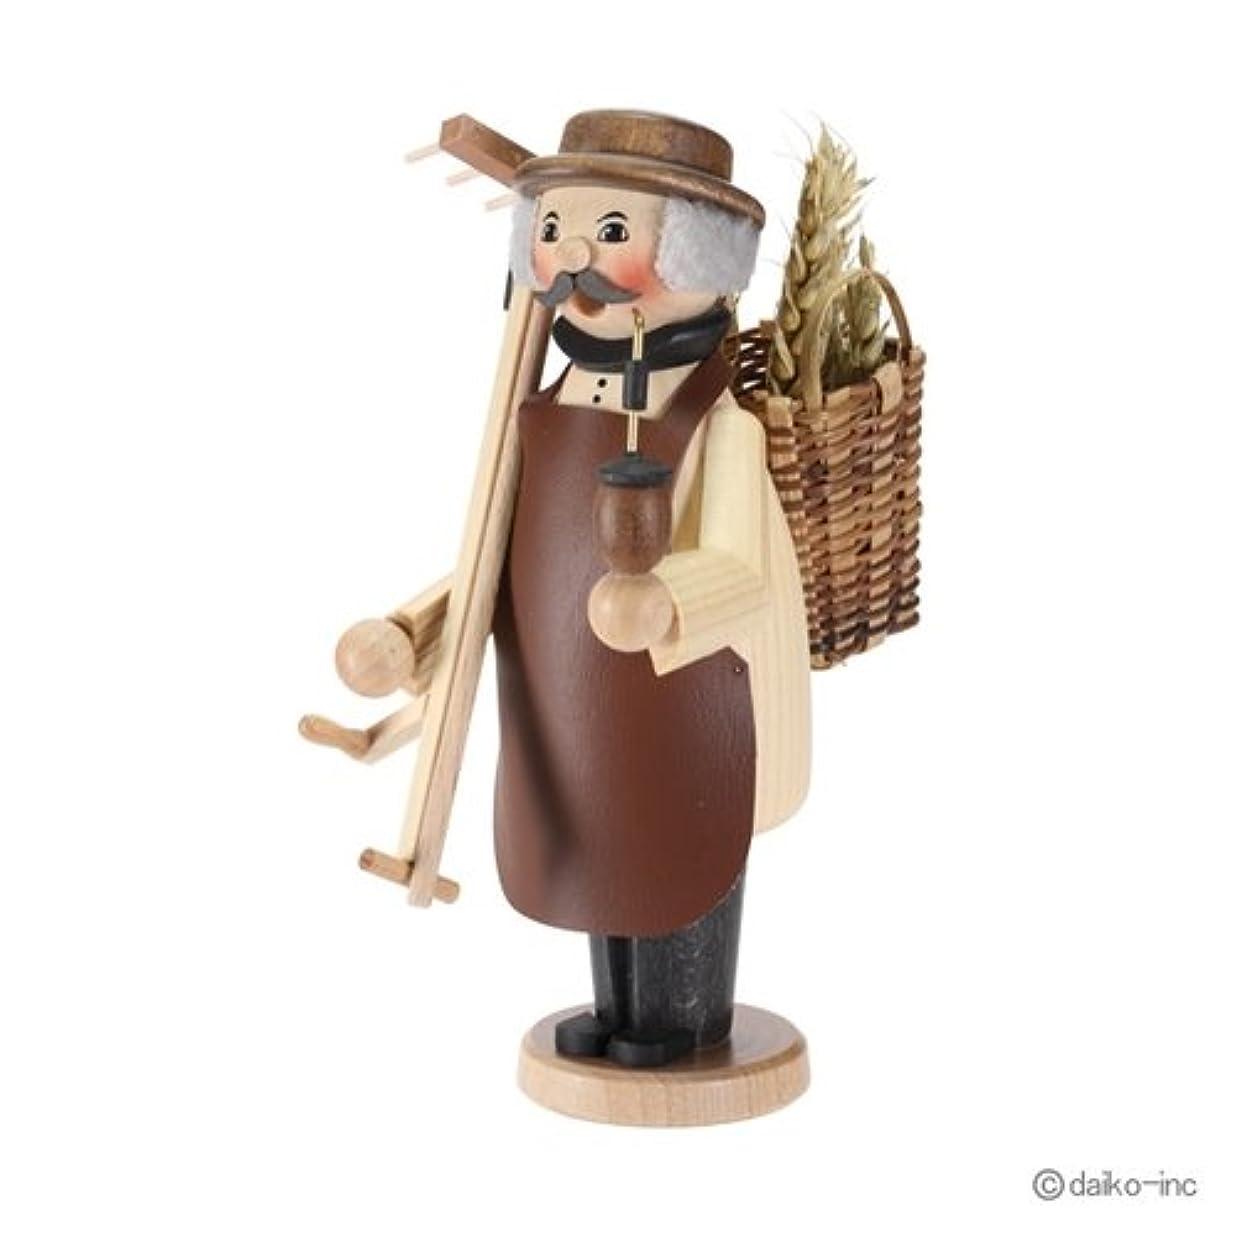 名目上の純粋な咳クーネルト kuhnert ミニパイプ人形香炉 農夫